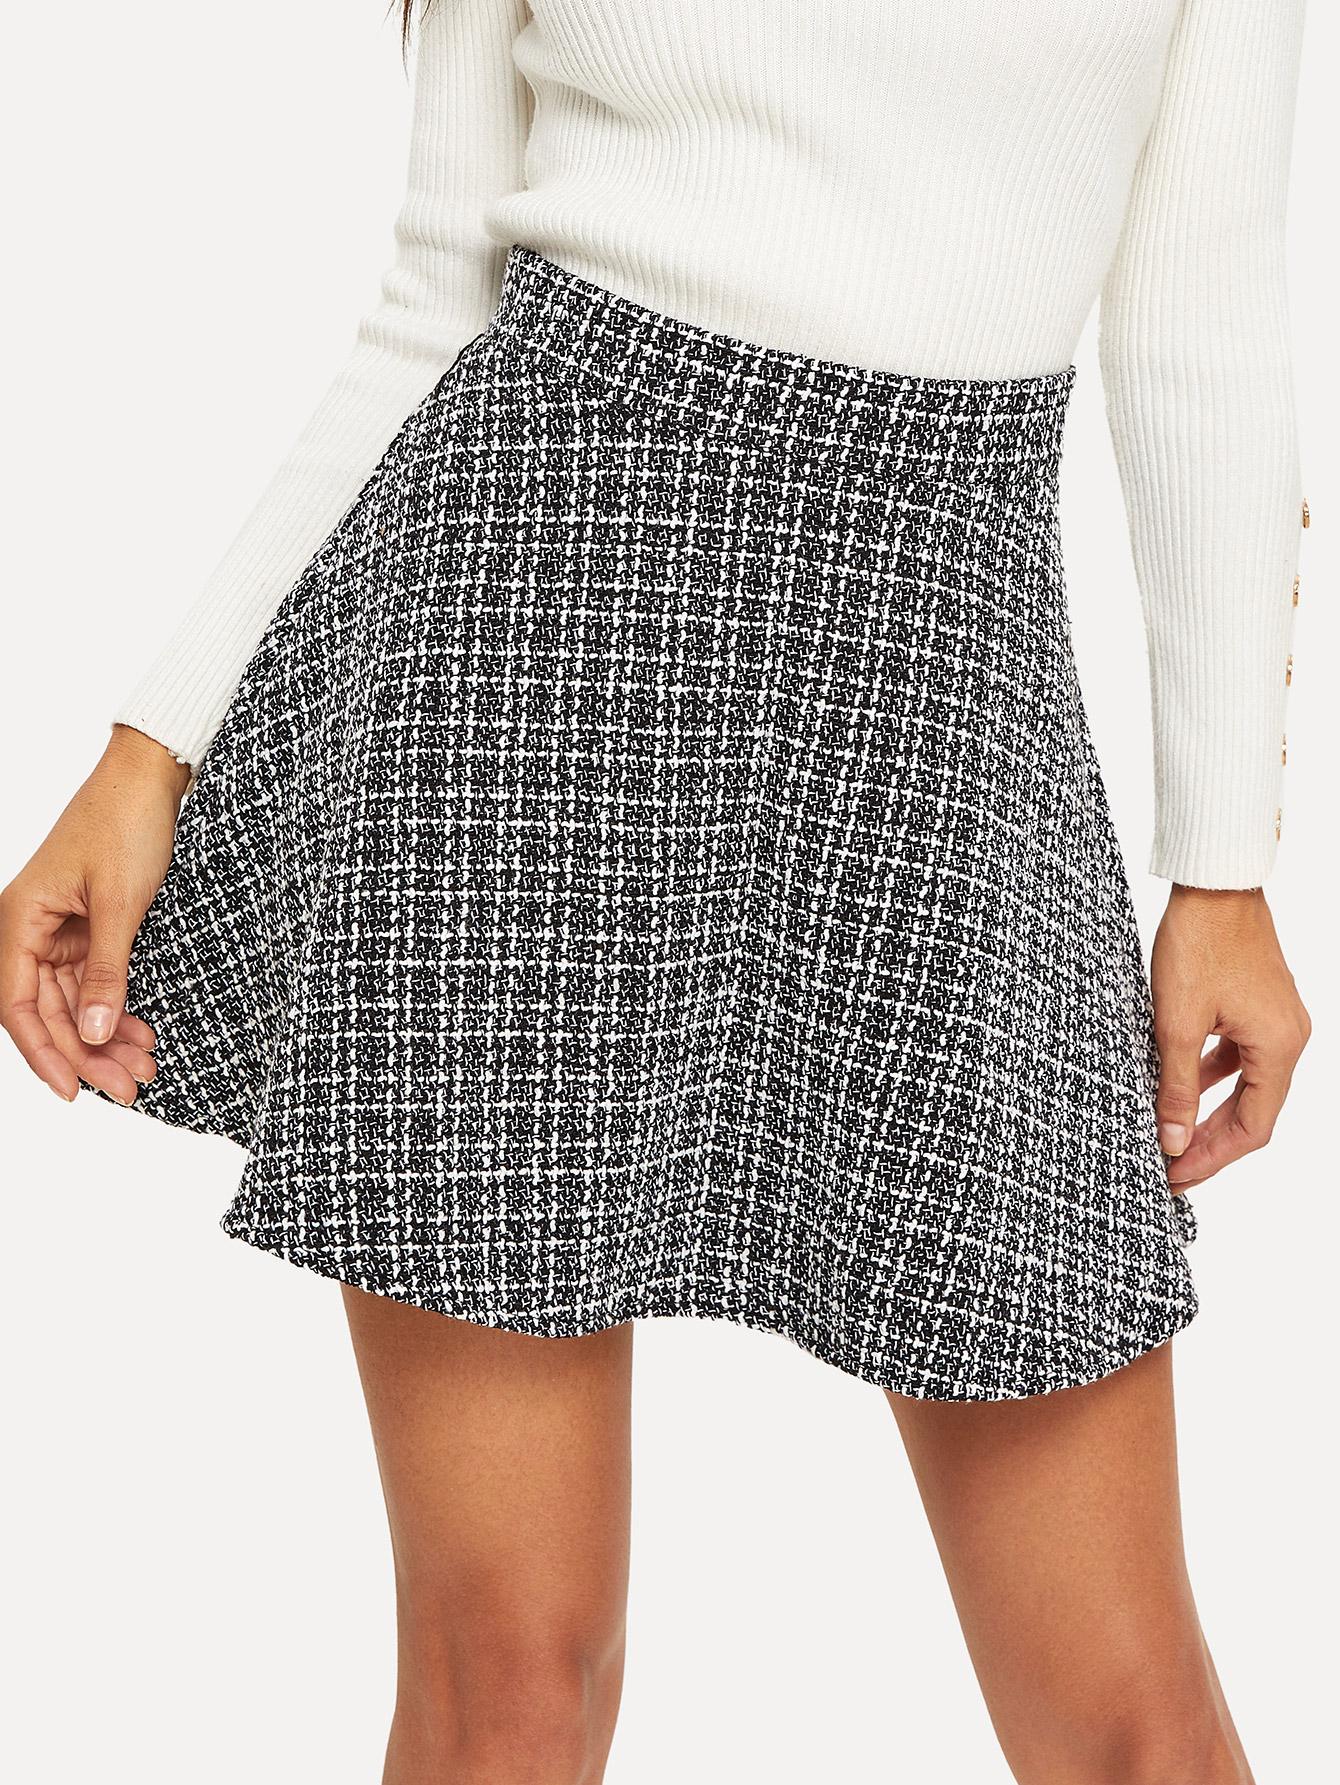 Купить Клетчатая твидовая юбка на молнии сзади, Juliana, SheIn